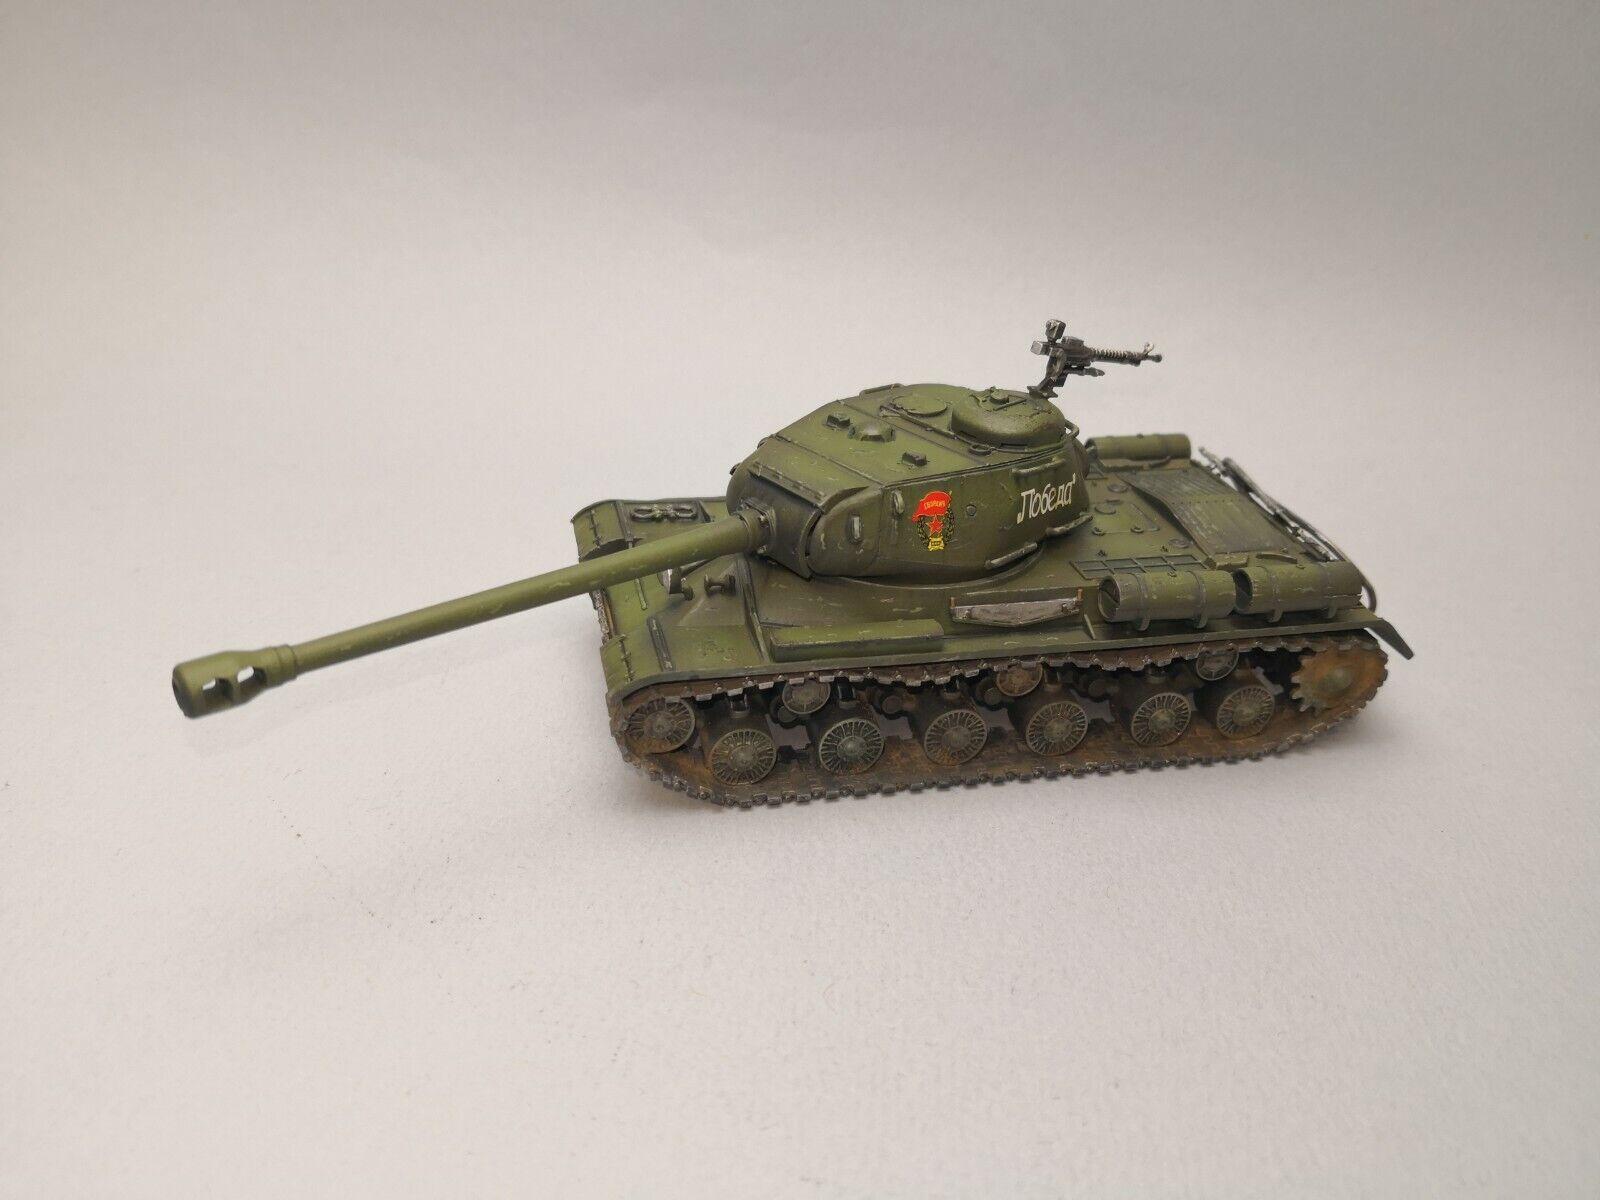 Tanque pesado soviético de IS-2 1 56 28mm Perno acción Segunda Guerra Mundial Pro Pintado